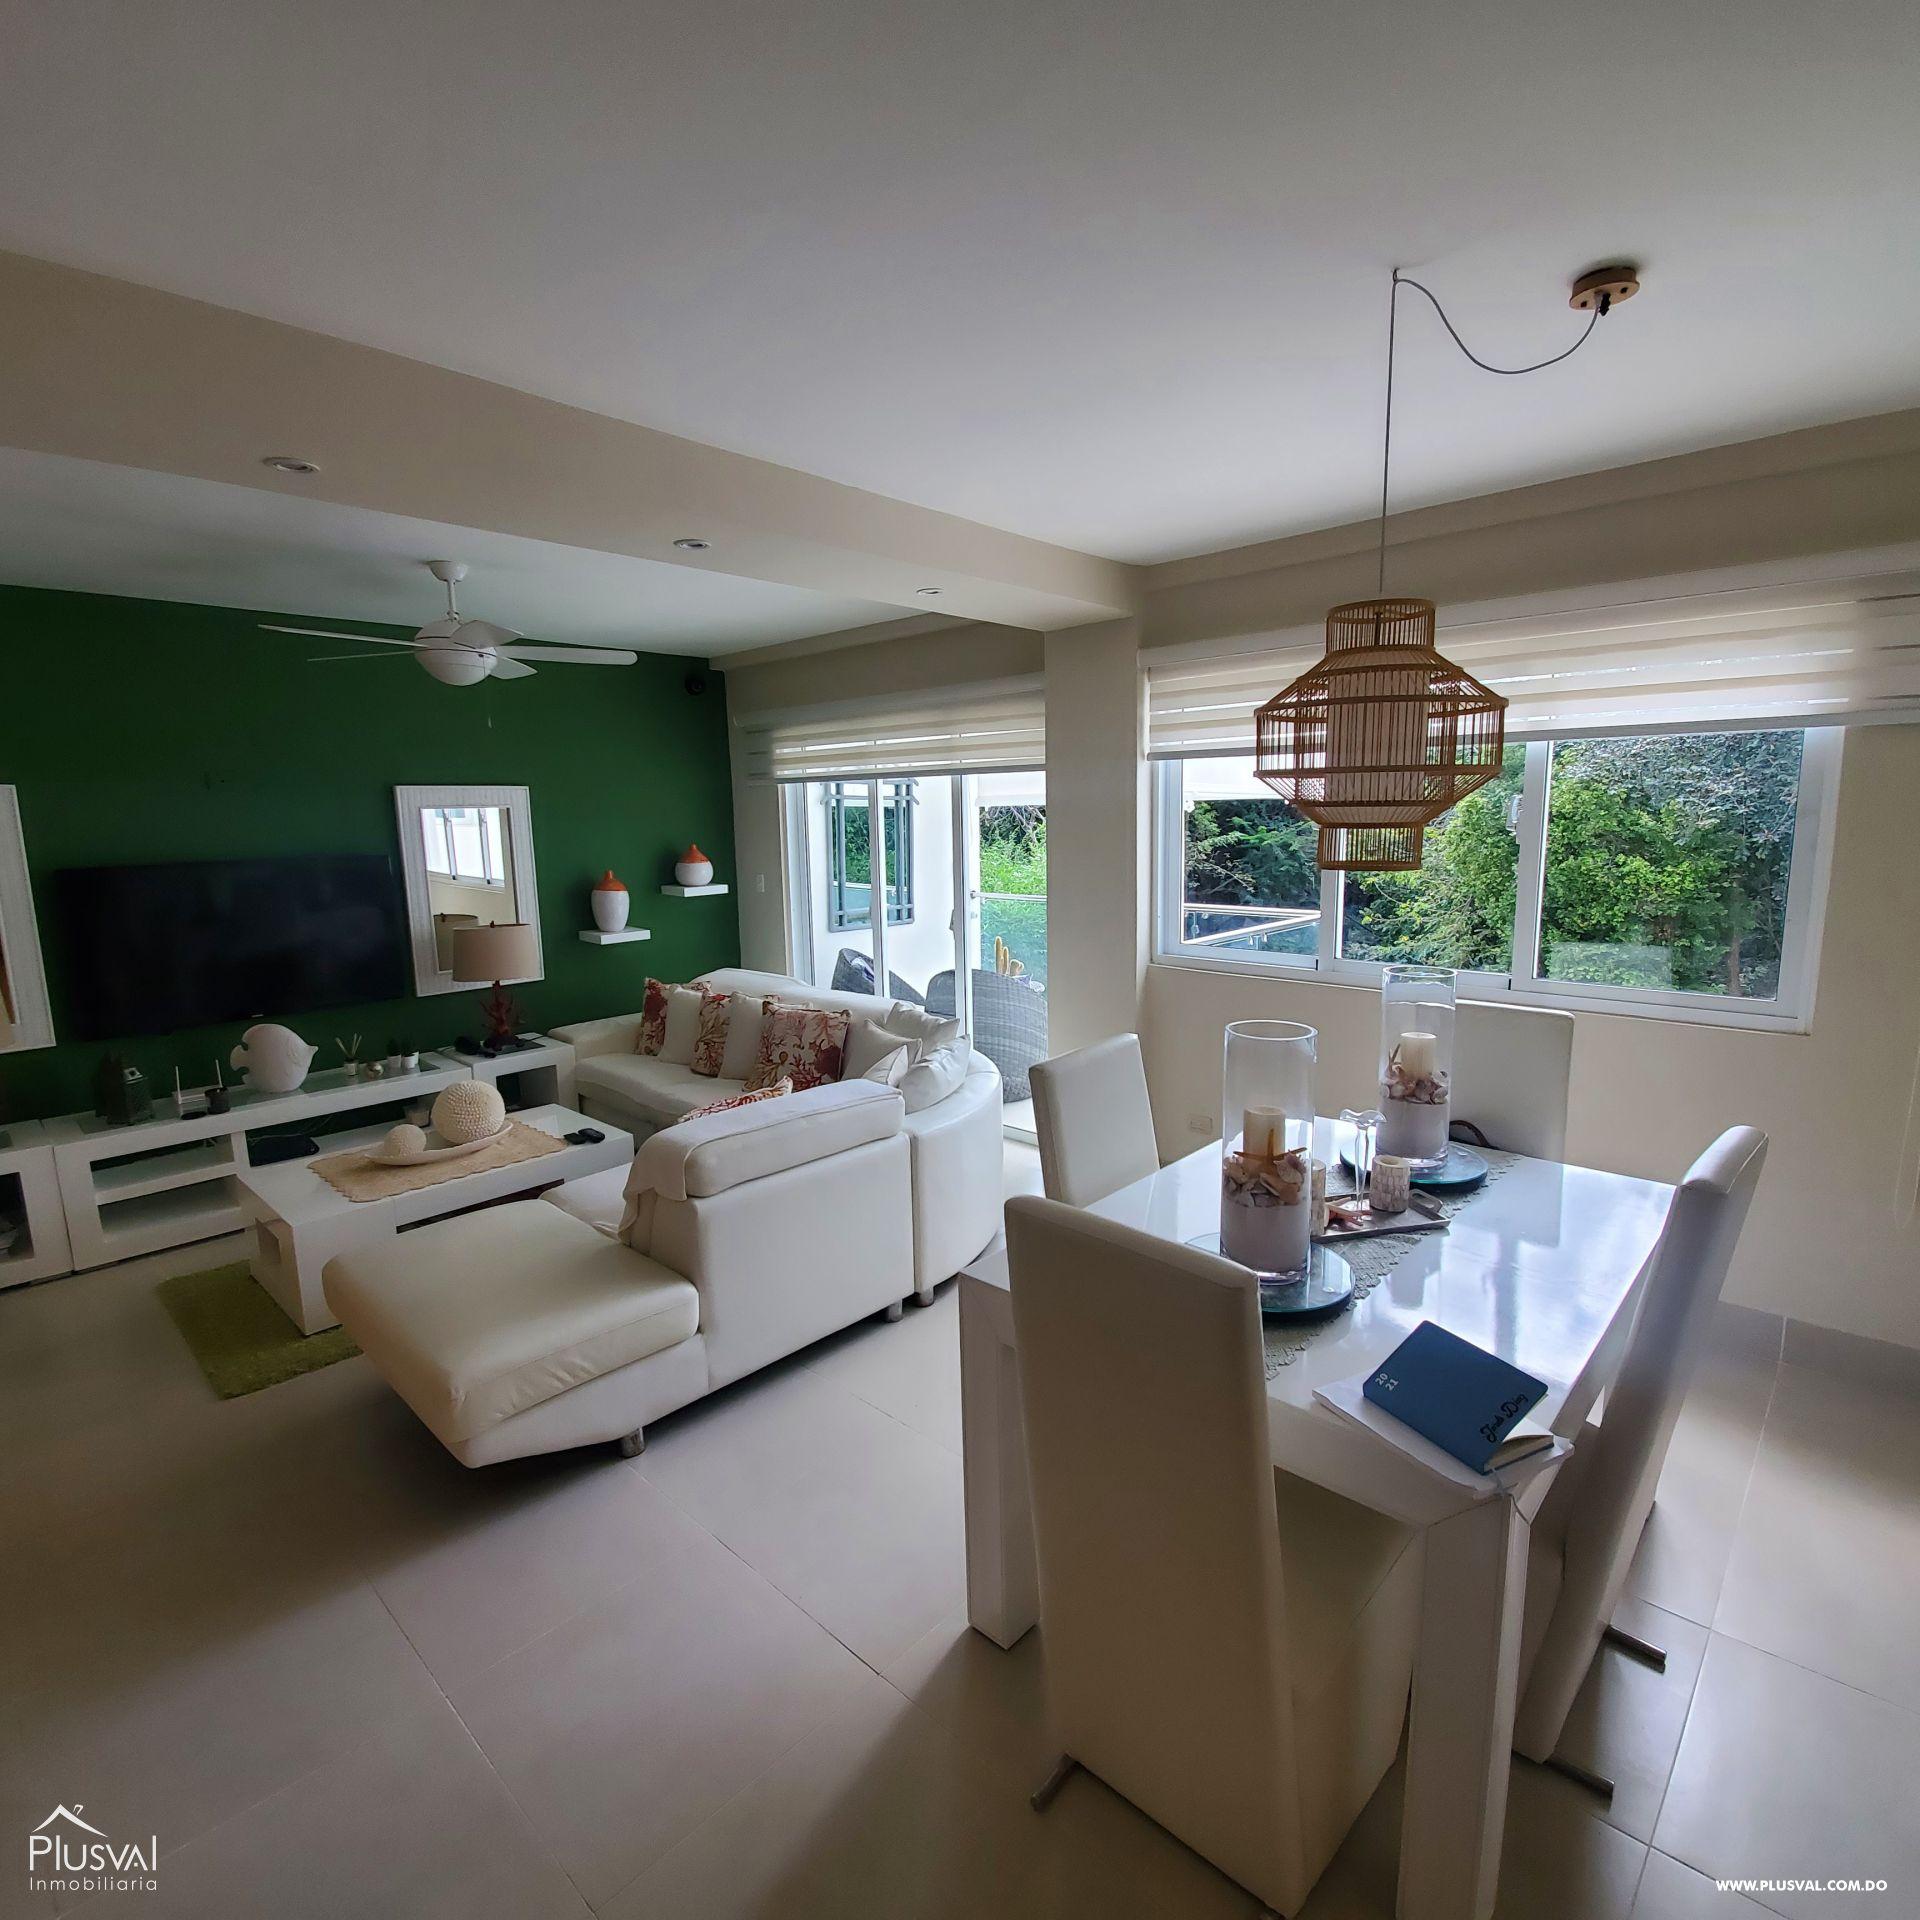 Apartamento en venta totalmente amueblado, Punta Cana